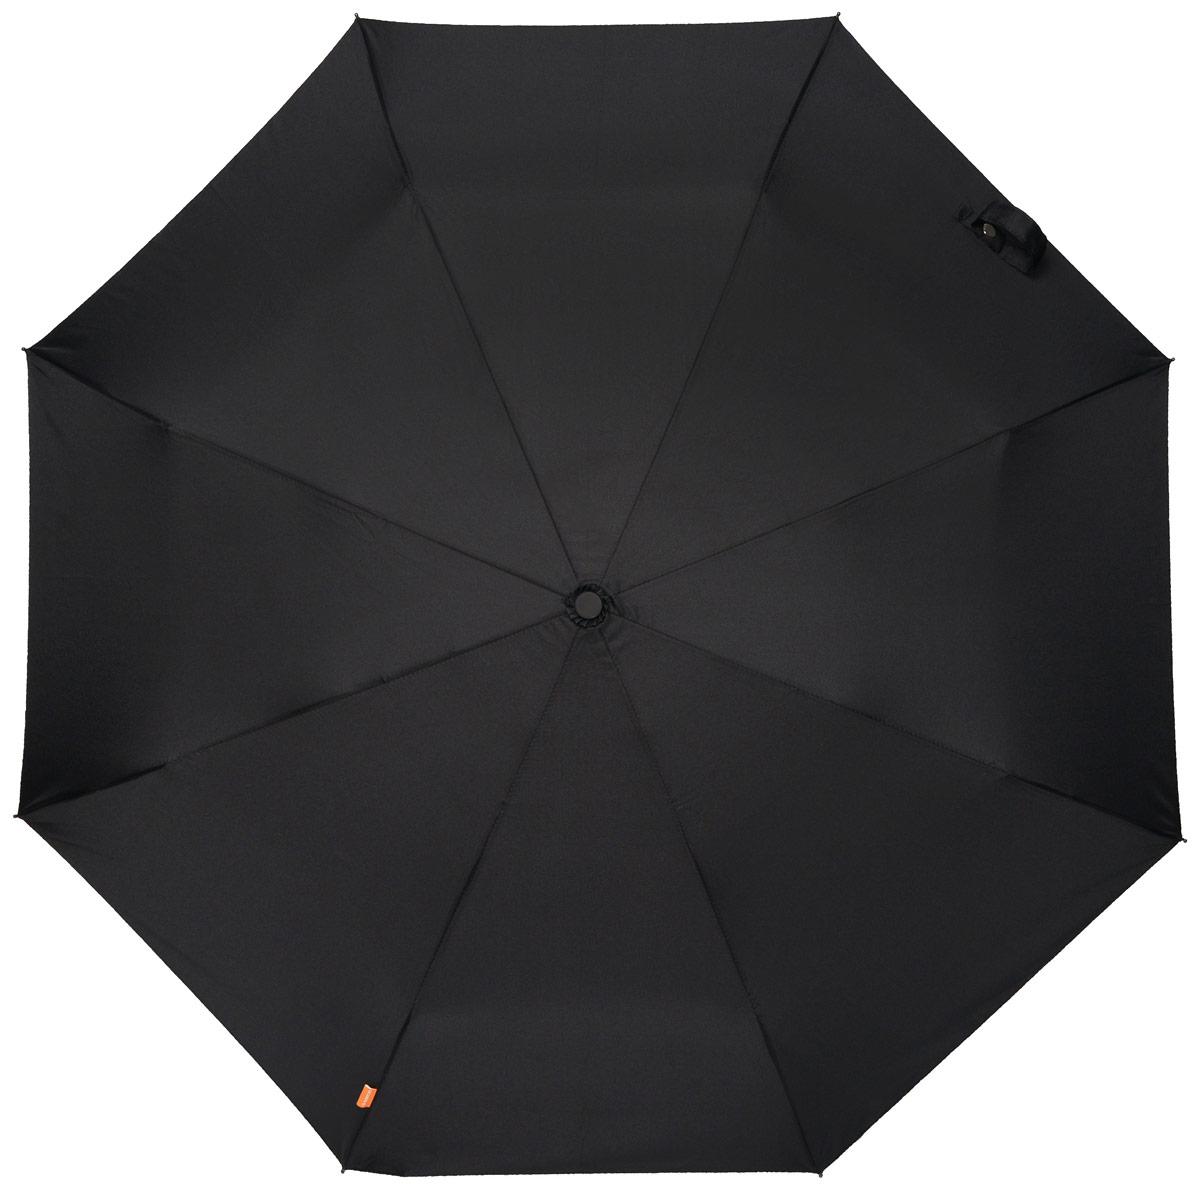 Зонт мужской Эврика Кастет, механика, 2 сложения, цвет: черный, серебряный. 9620396203Оригинальный мужской зонт Эврика станет отличным подарком для вашего друга. Зонт состоит из восьми спиц и стержня, изготовленных из металла. Купол выполнен из качественного нейлона, который не пропускает воду. Изделие имеет механический способ сложения: и купол, и стержень открываются и закрываются вручную до характерного щелчка. Ручка, изготовленная из пластика, выполнена в виде кастета. К зонту прилагается чехол, который закрывается на кнопку. Этот зонт вызовет восторг не только у вас, но и у окружающих.